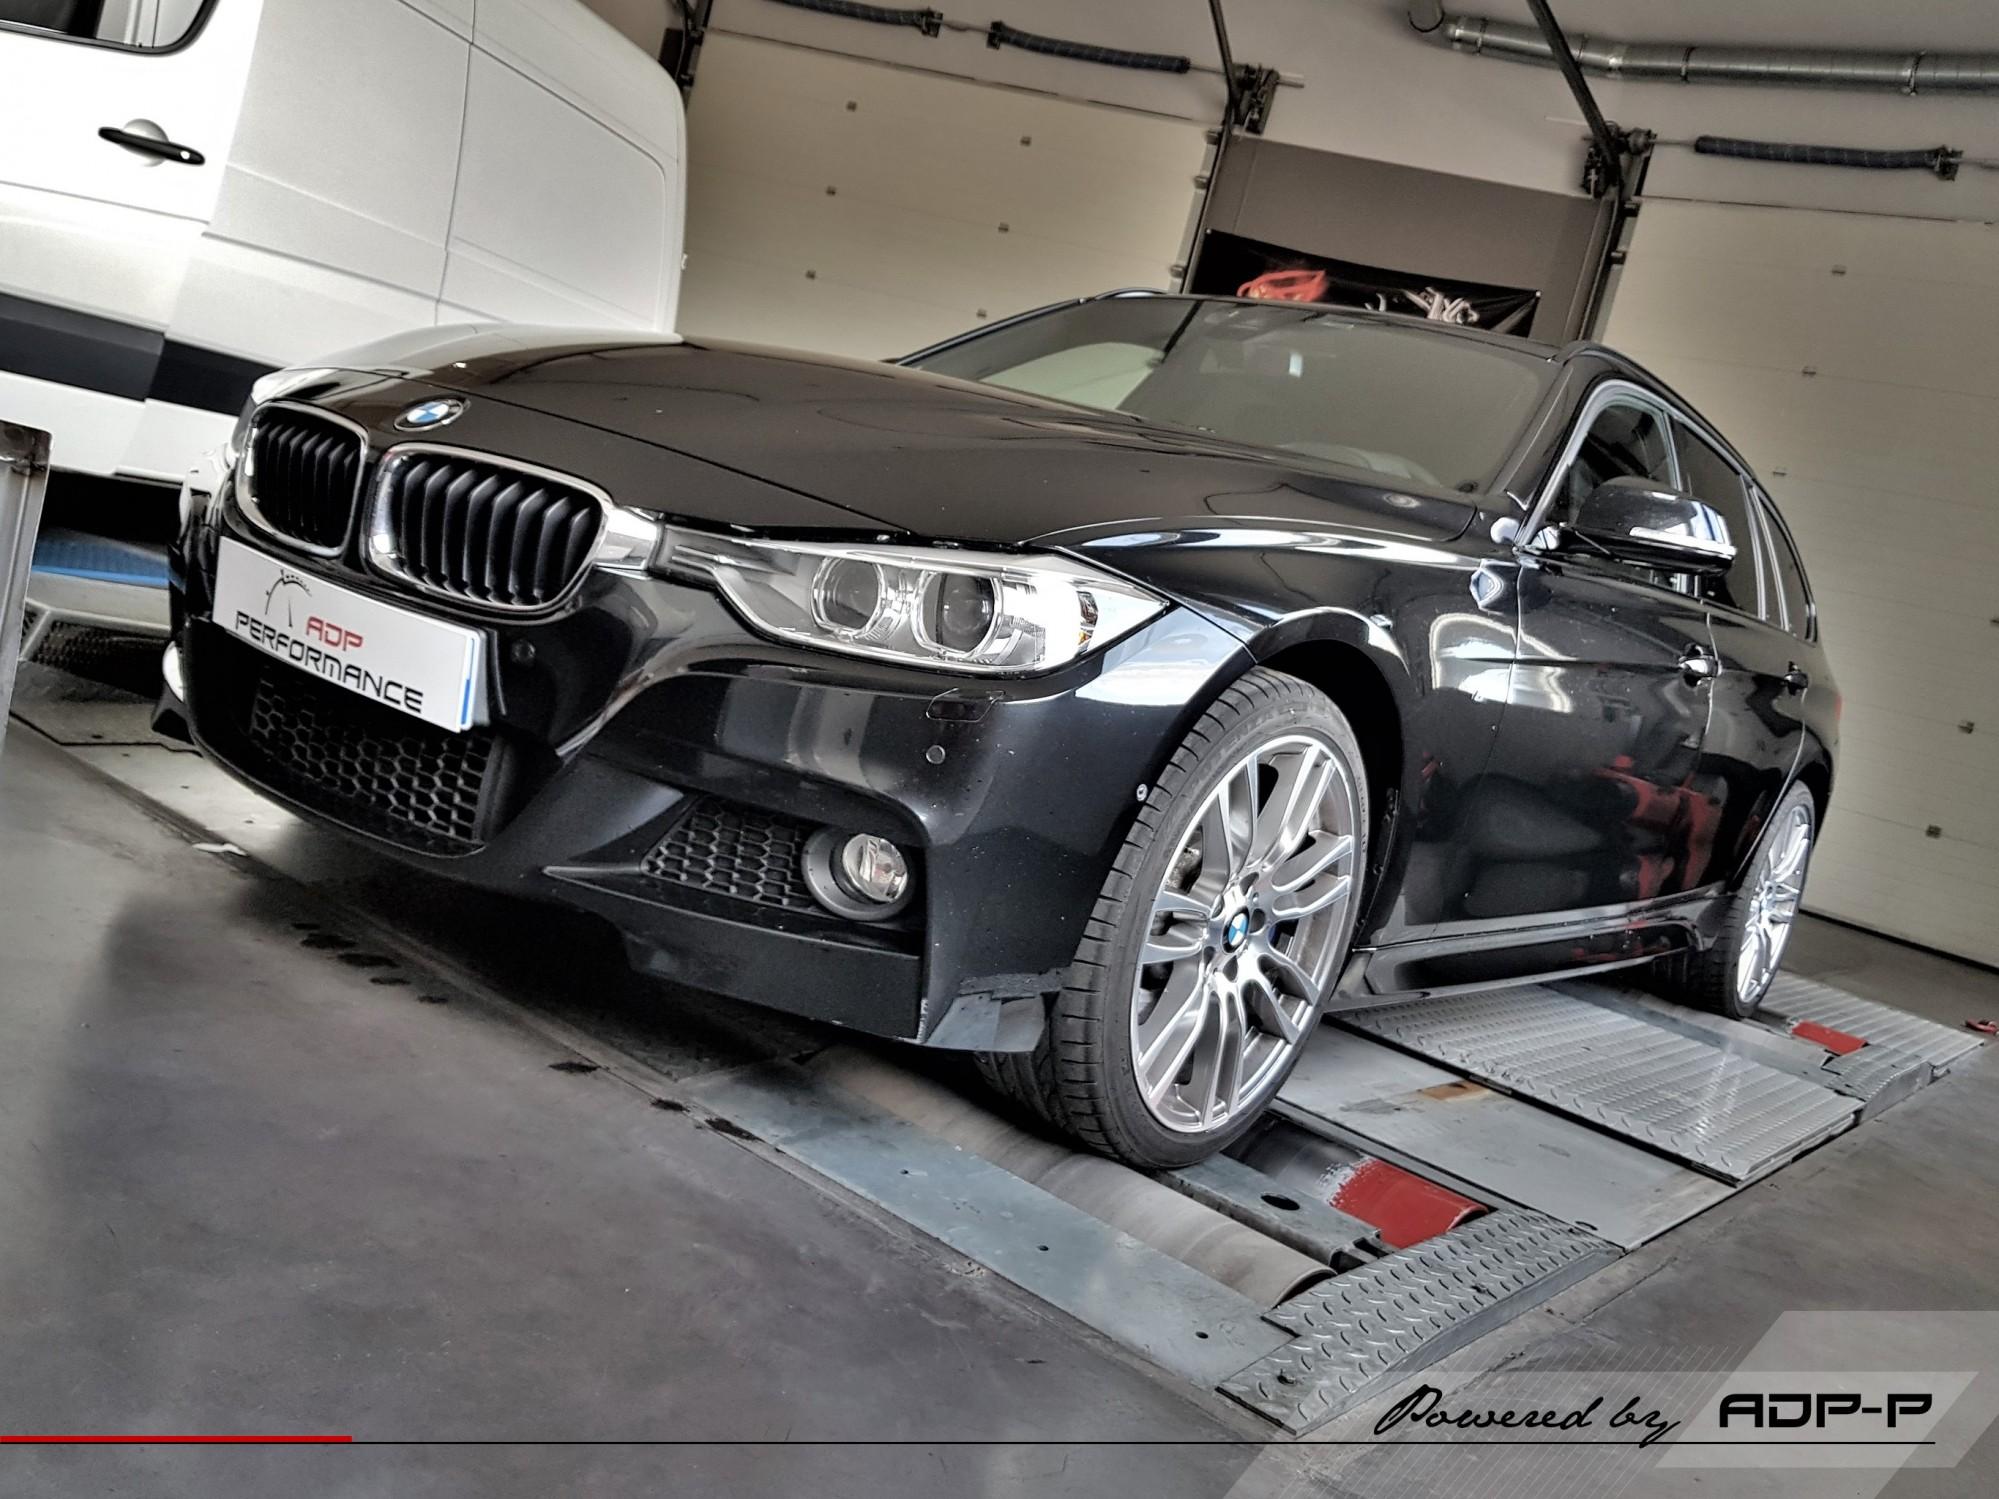 Reprogrammation moteur Cavaillon, Avignon, Le Pontet - BMW Série 3 - F3x 335xd 313 ADP Performance